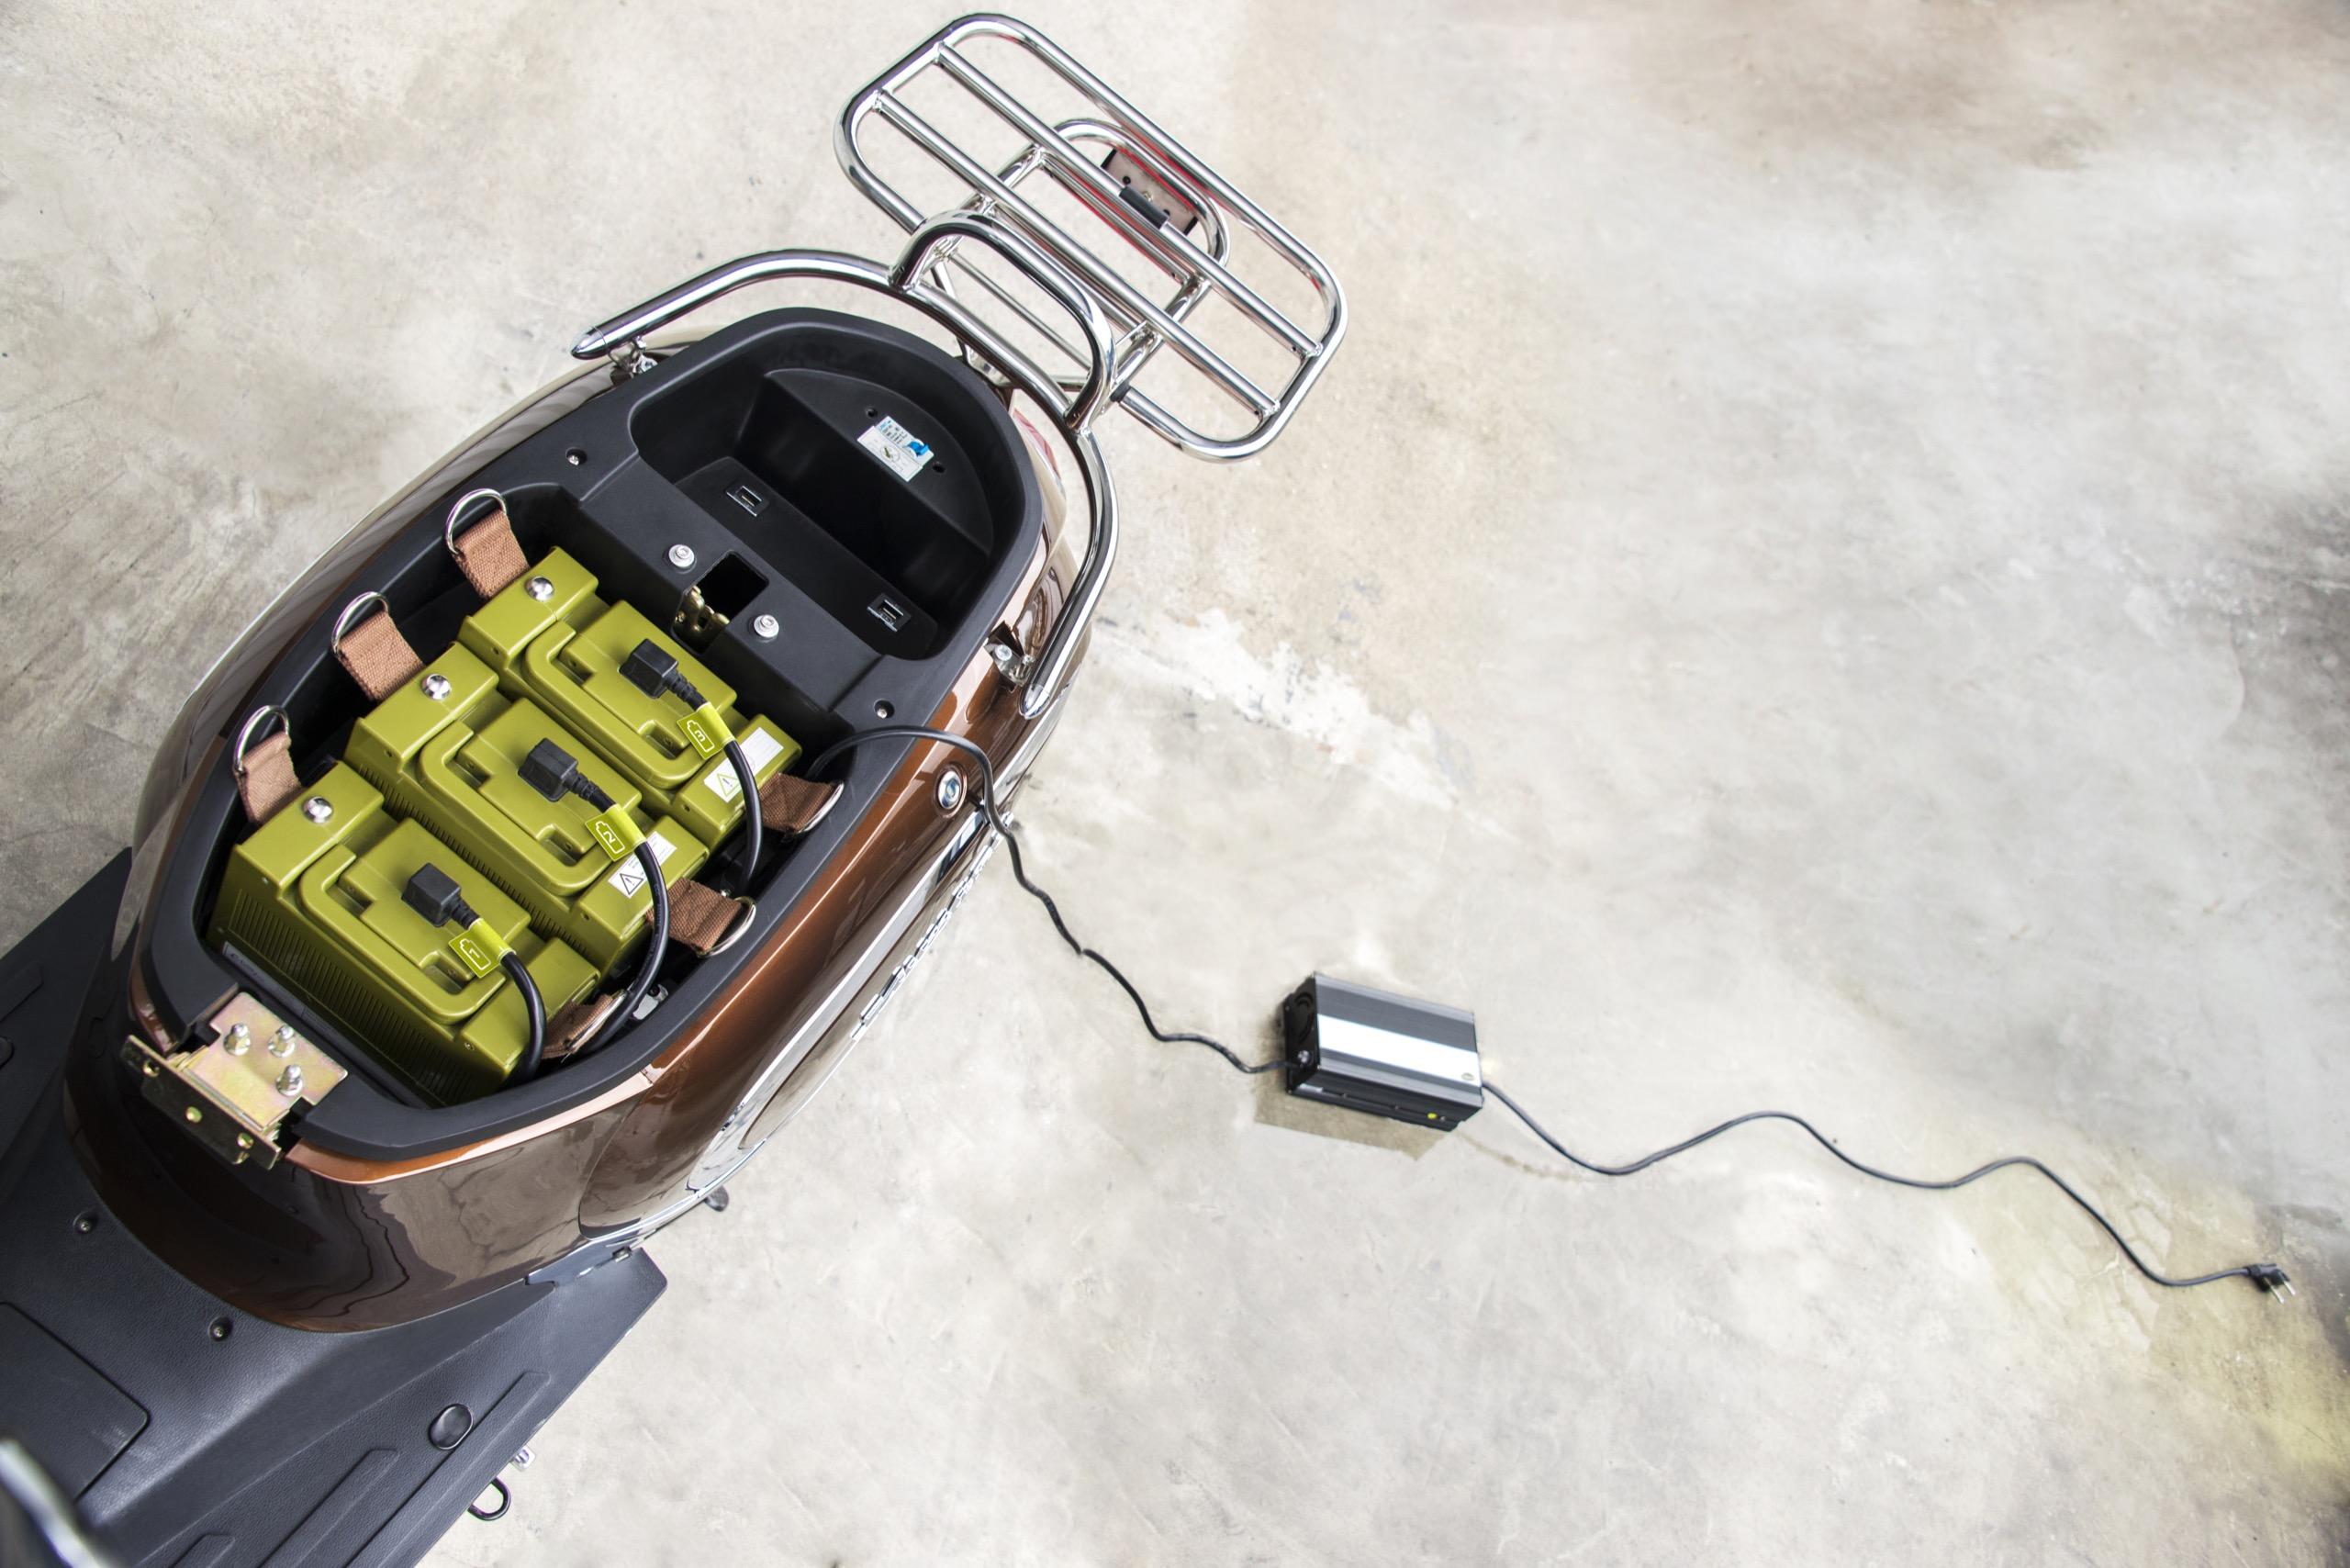 Geladen werden die bis zu drei Akkus entweder direkt im Roller oder einzeln an der heimischen Steckdose